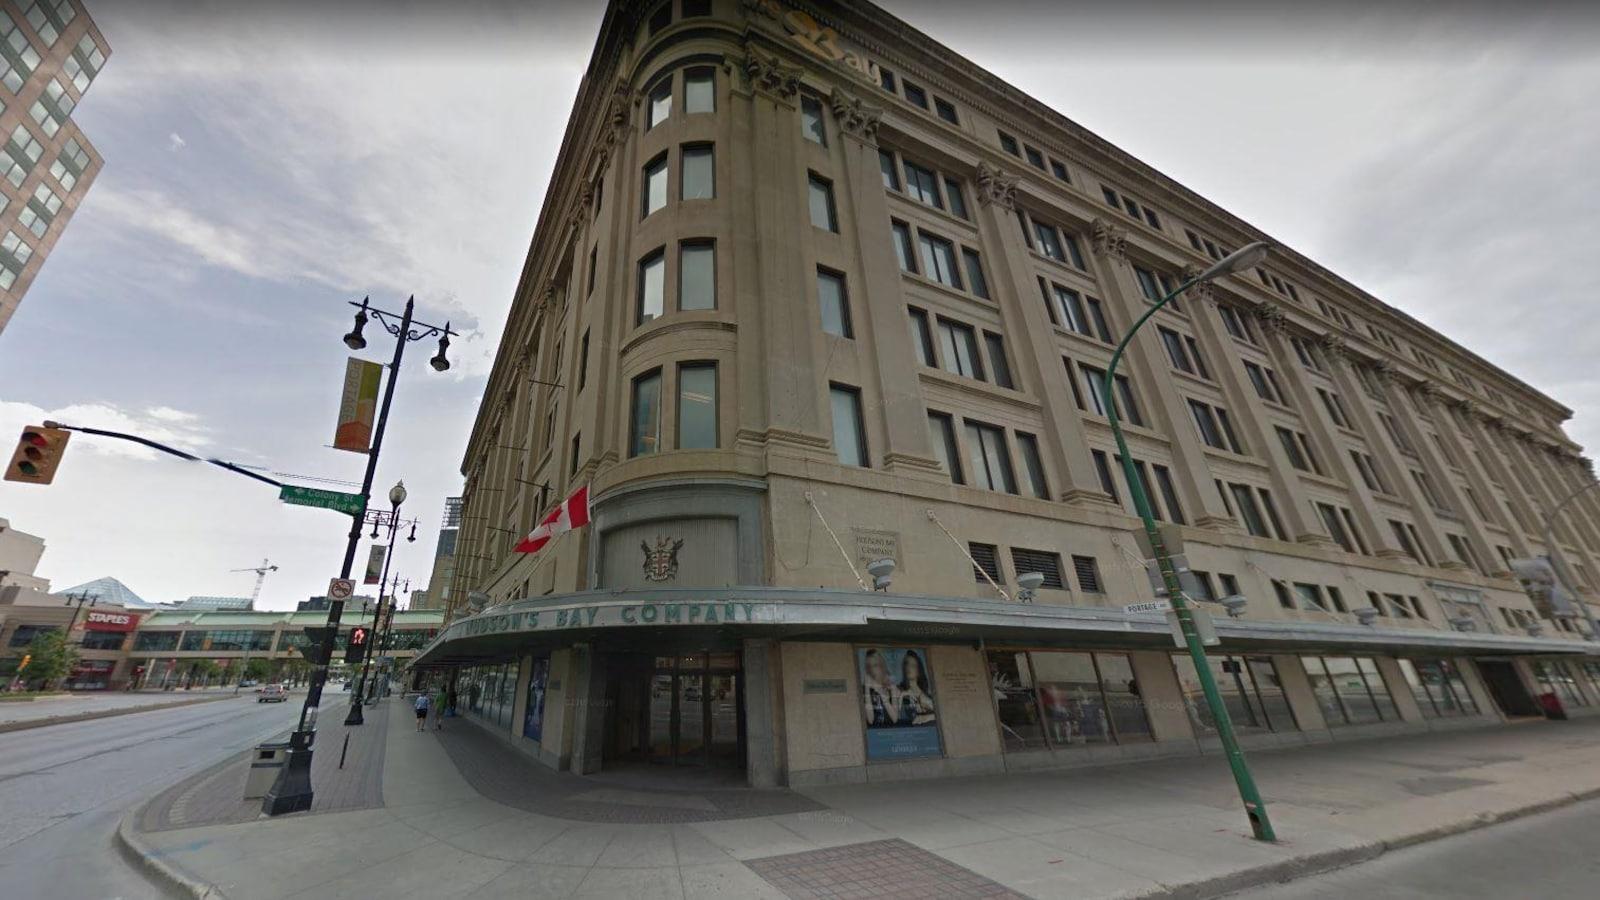 Capture d'écran d'une vue Google Street du bâtiment, de face : on voit la devanture qui indique Hudson's Bay Company, et les grandes façades, un jour d'été.